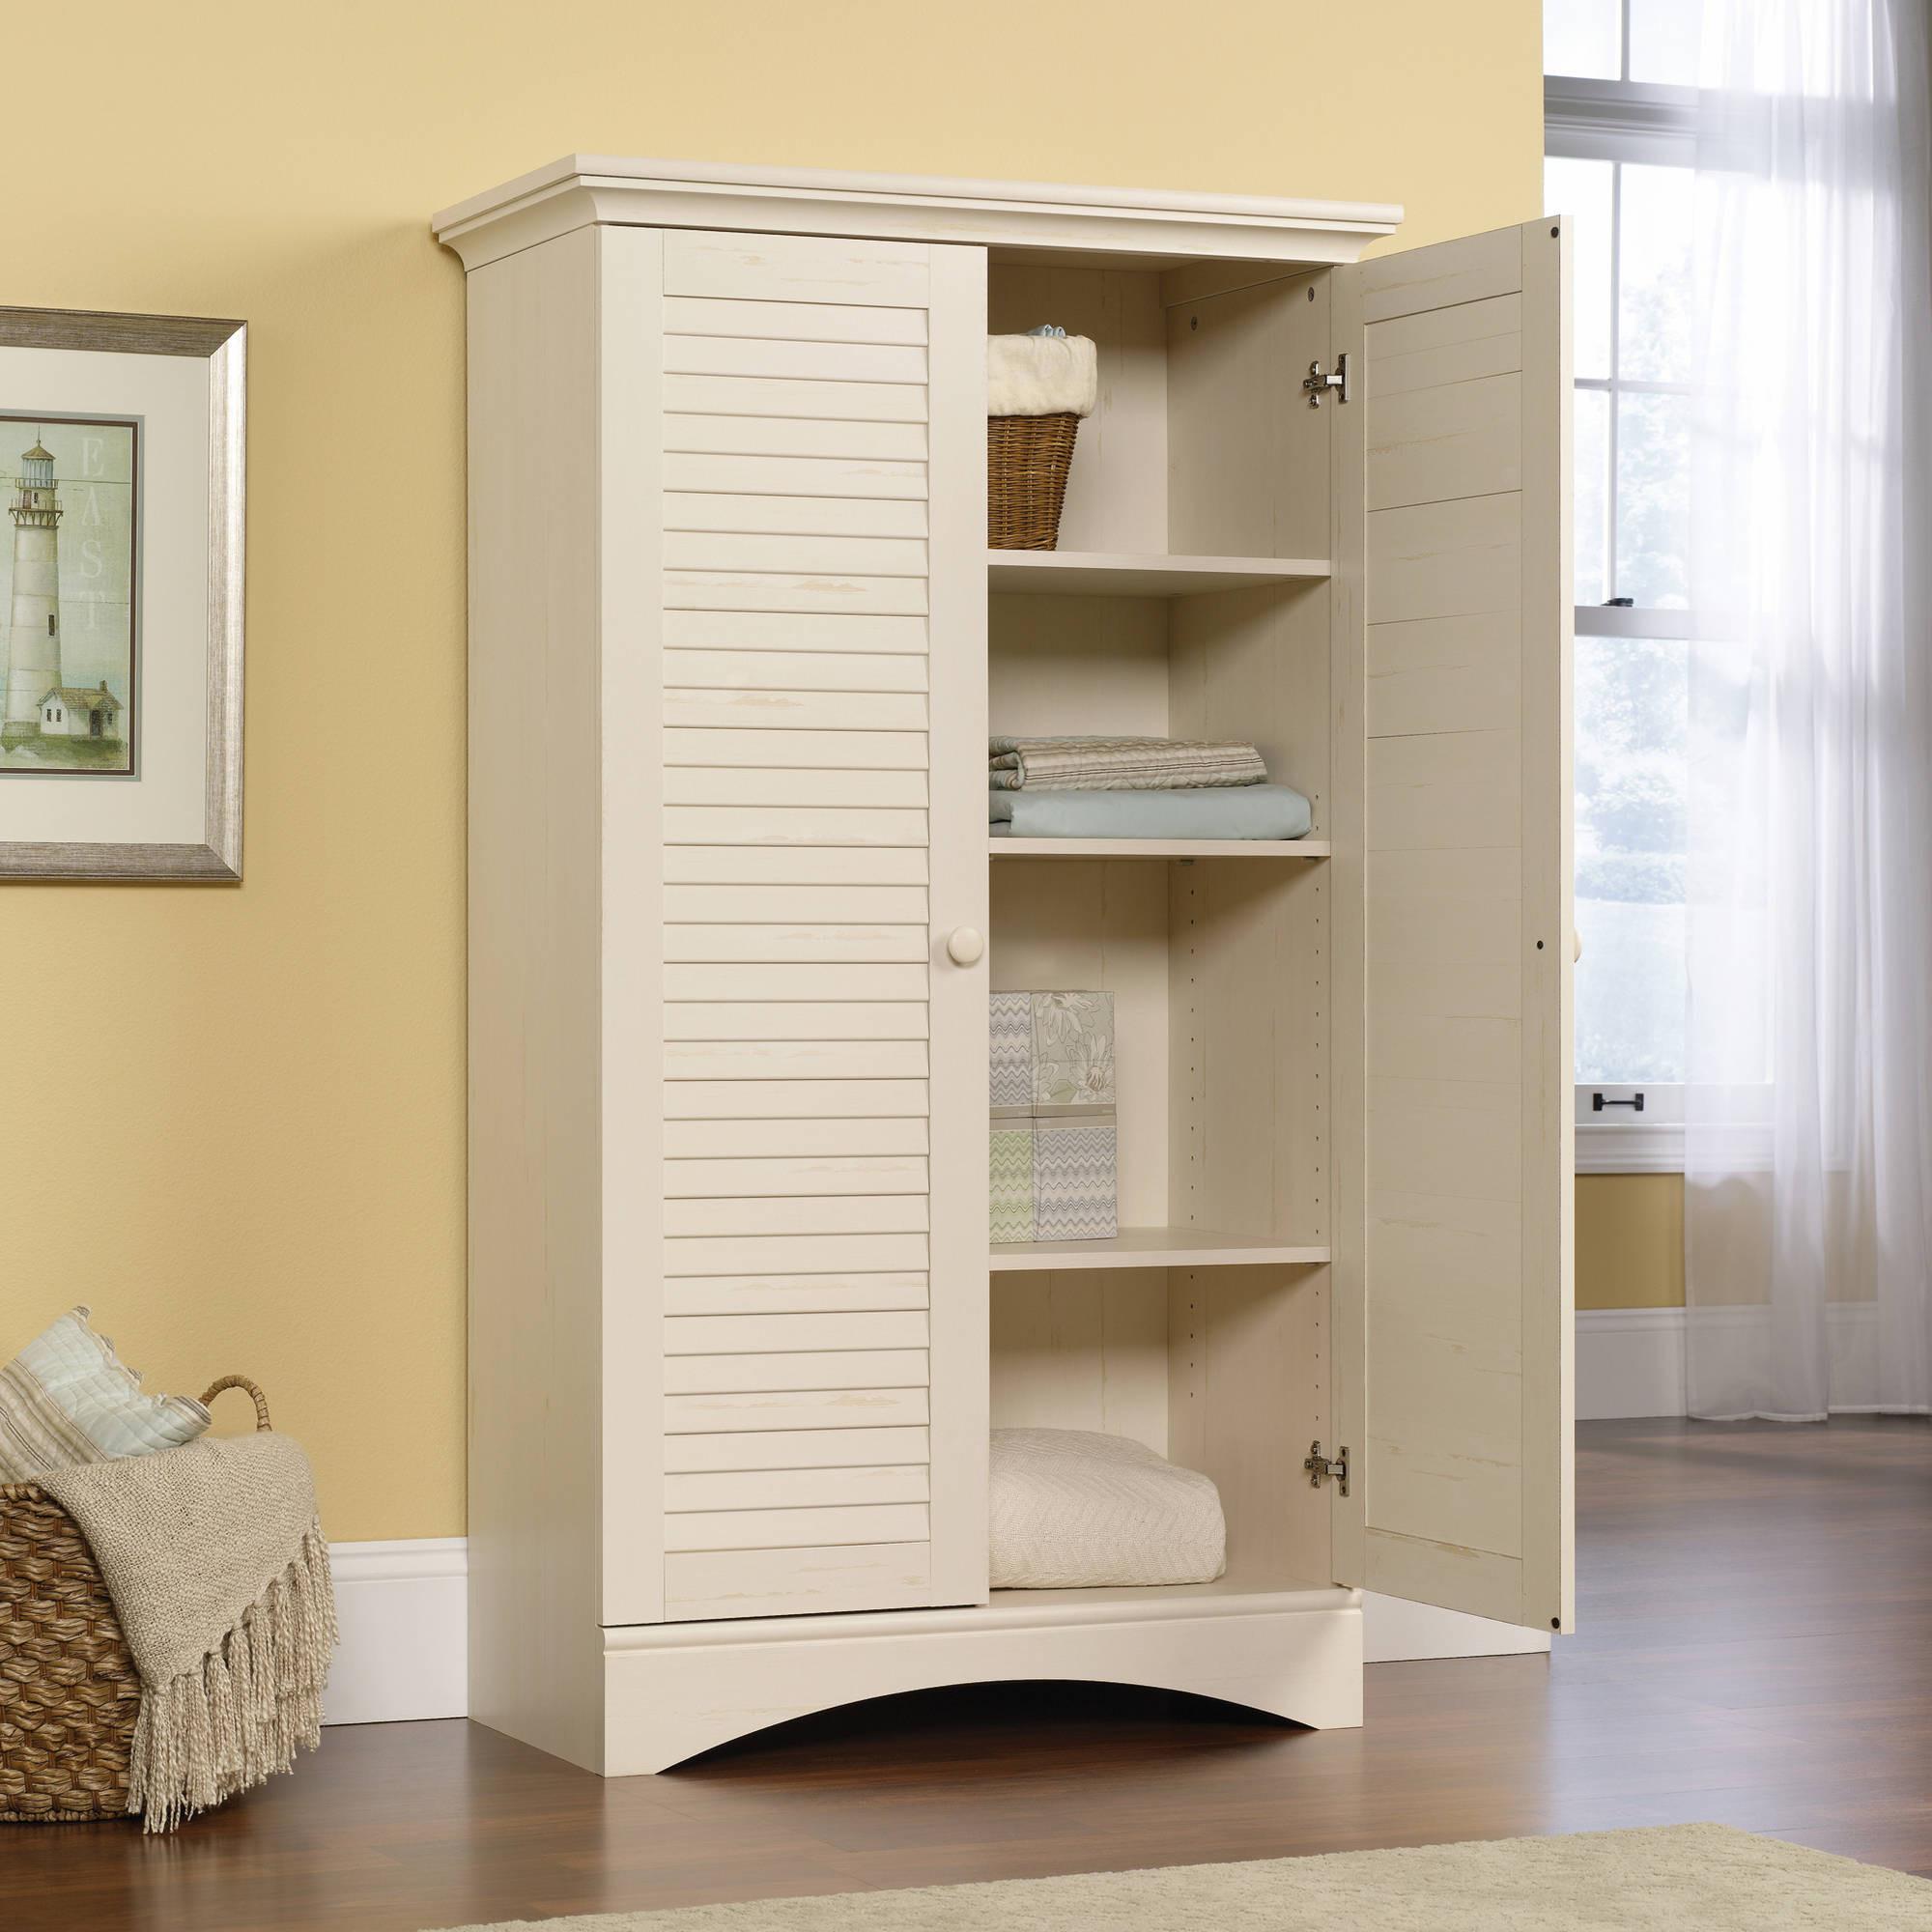 Storage Cabinet Kitchen  Pantry Storage Cabinet Laundry Room Organizer Tall Kitchen